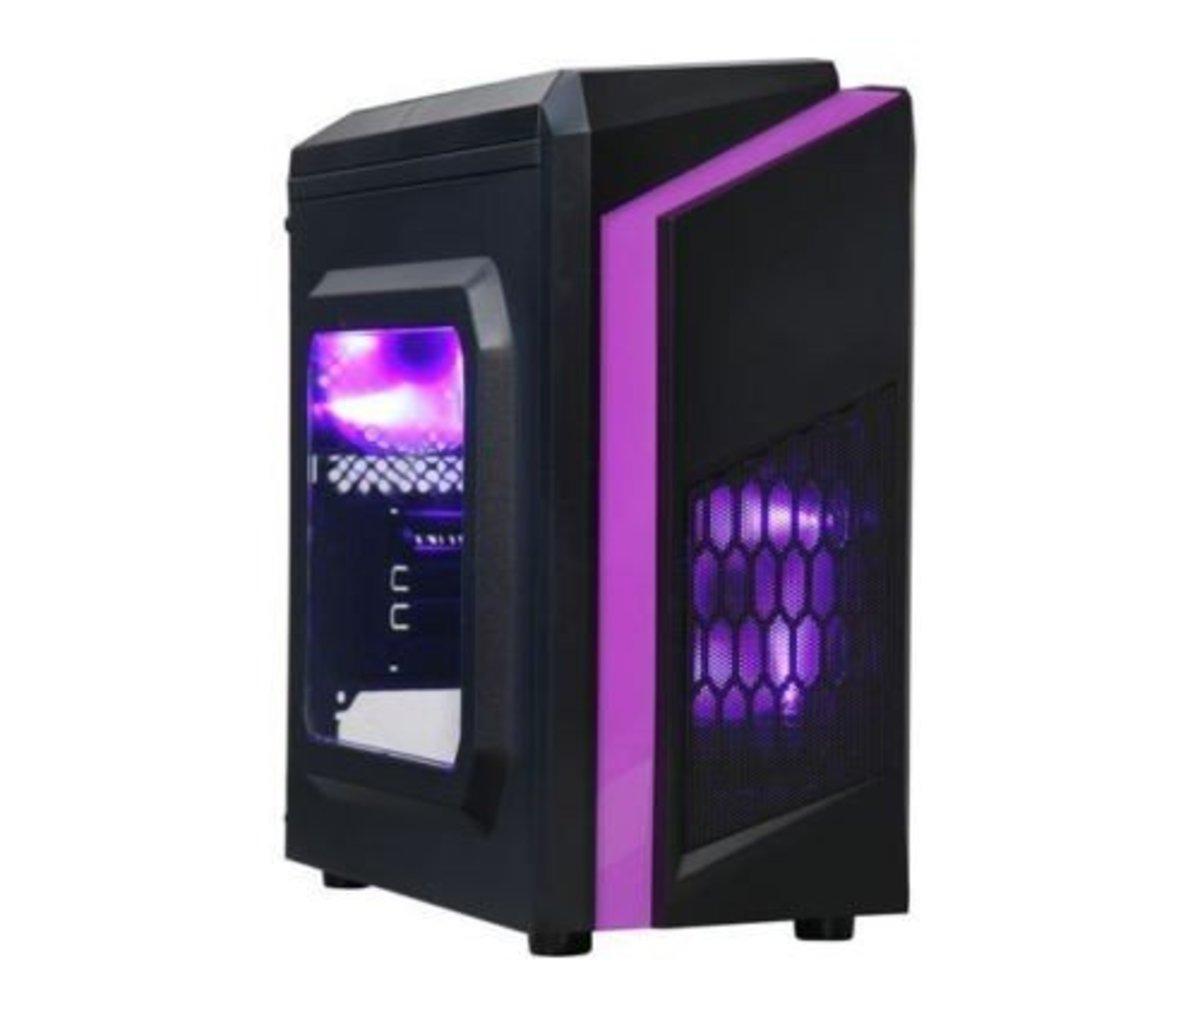 DIYPC DIY-F2-P Budget PC Case Review